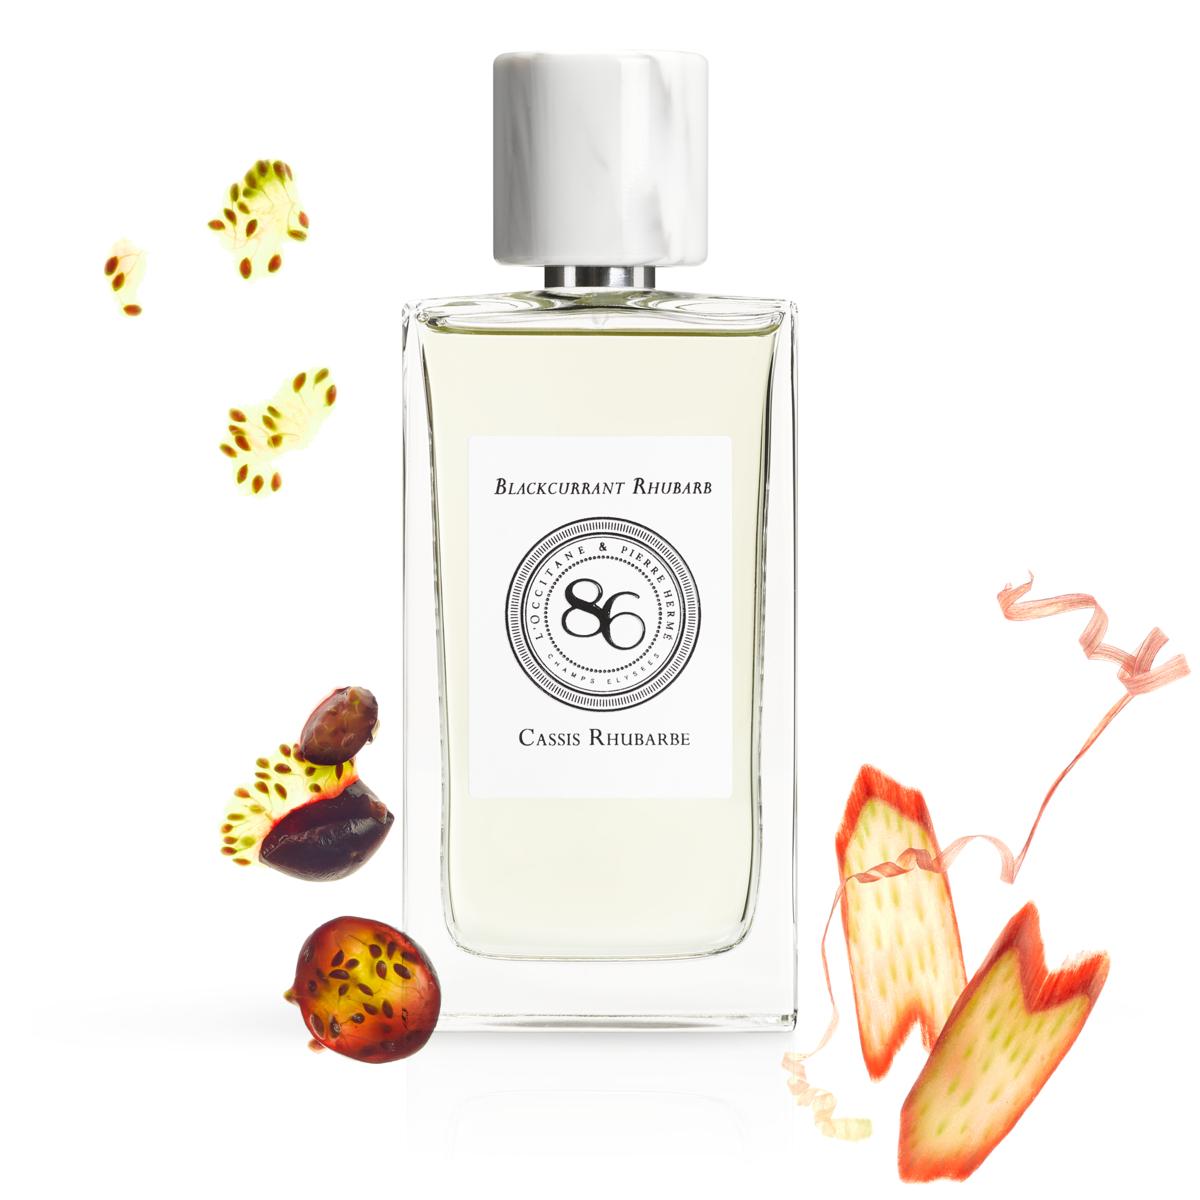 Pierre Hermé 86 Blackcurrant Rhubarb Eau de Parfum